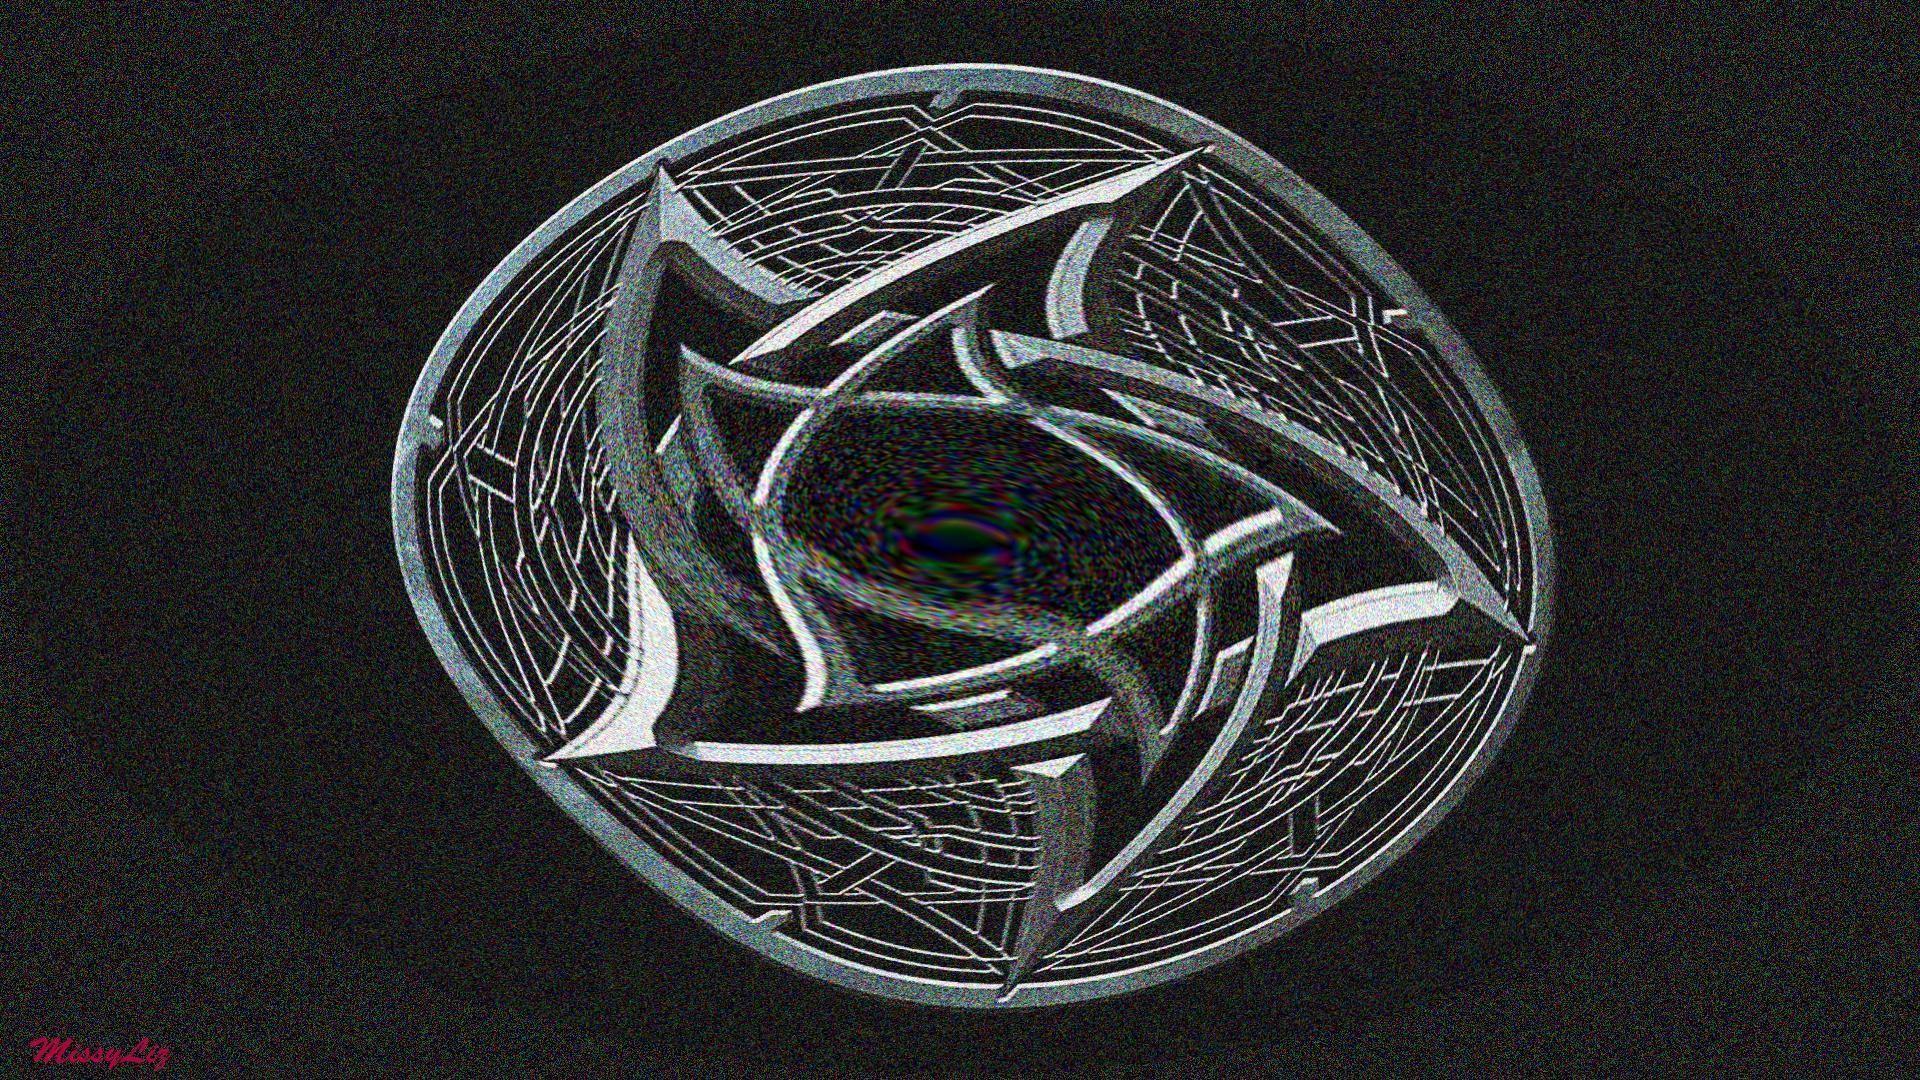 Desktop Wallpaper Pagan Wiccan Art 800 X 600 171 Kb Jpeg |